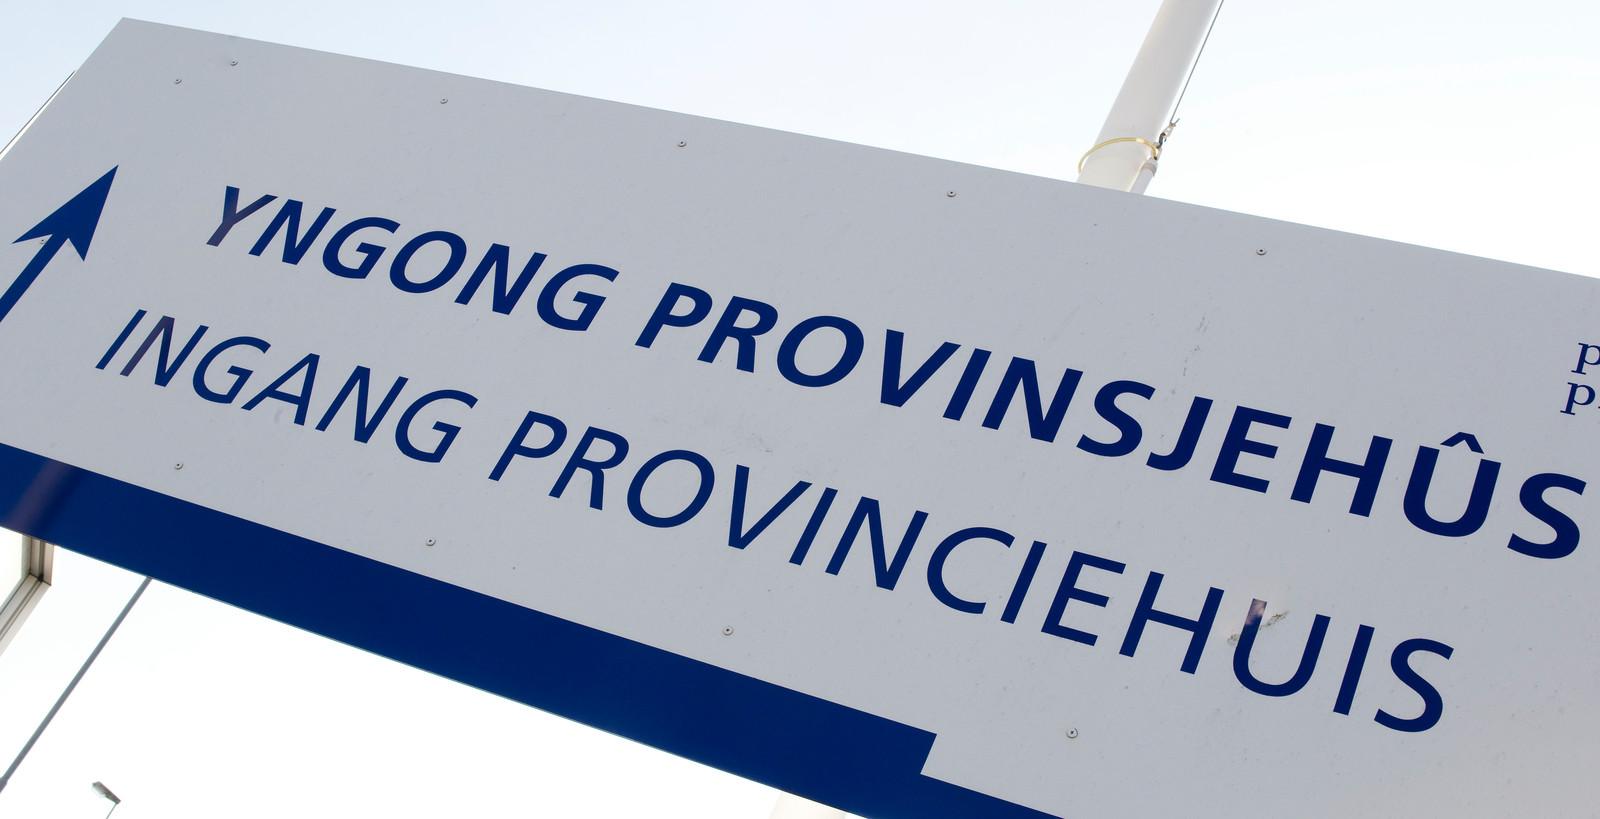 De nieuwe taalwet van 2011 geeft iedereen het recht om in de provincie Friesland zelf te kiezen voor de Nederlandse of de Friese taal in het contact met de overheid of in de rechtszaal.